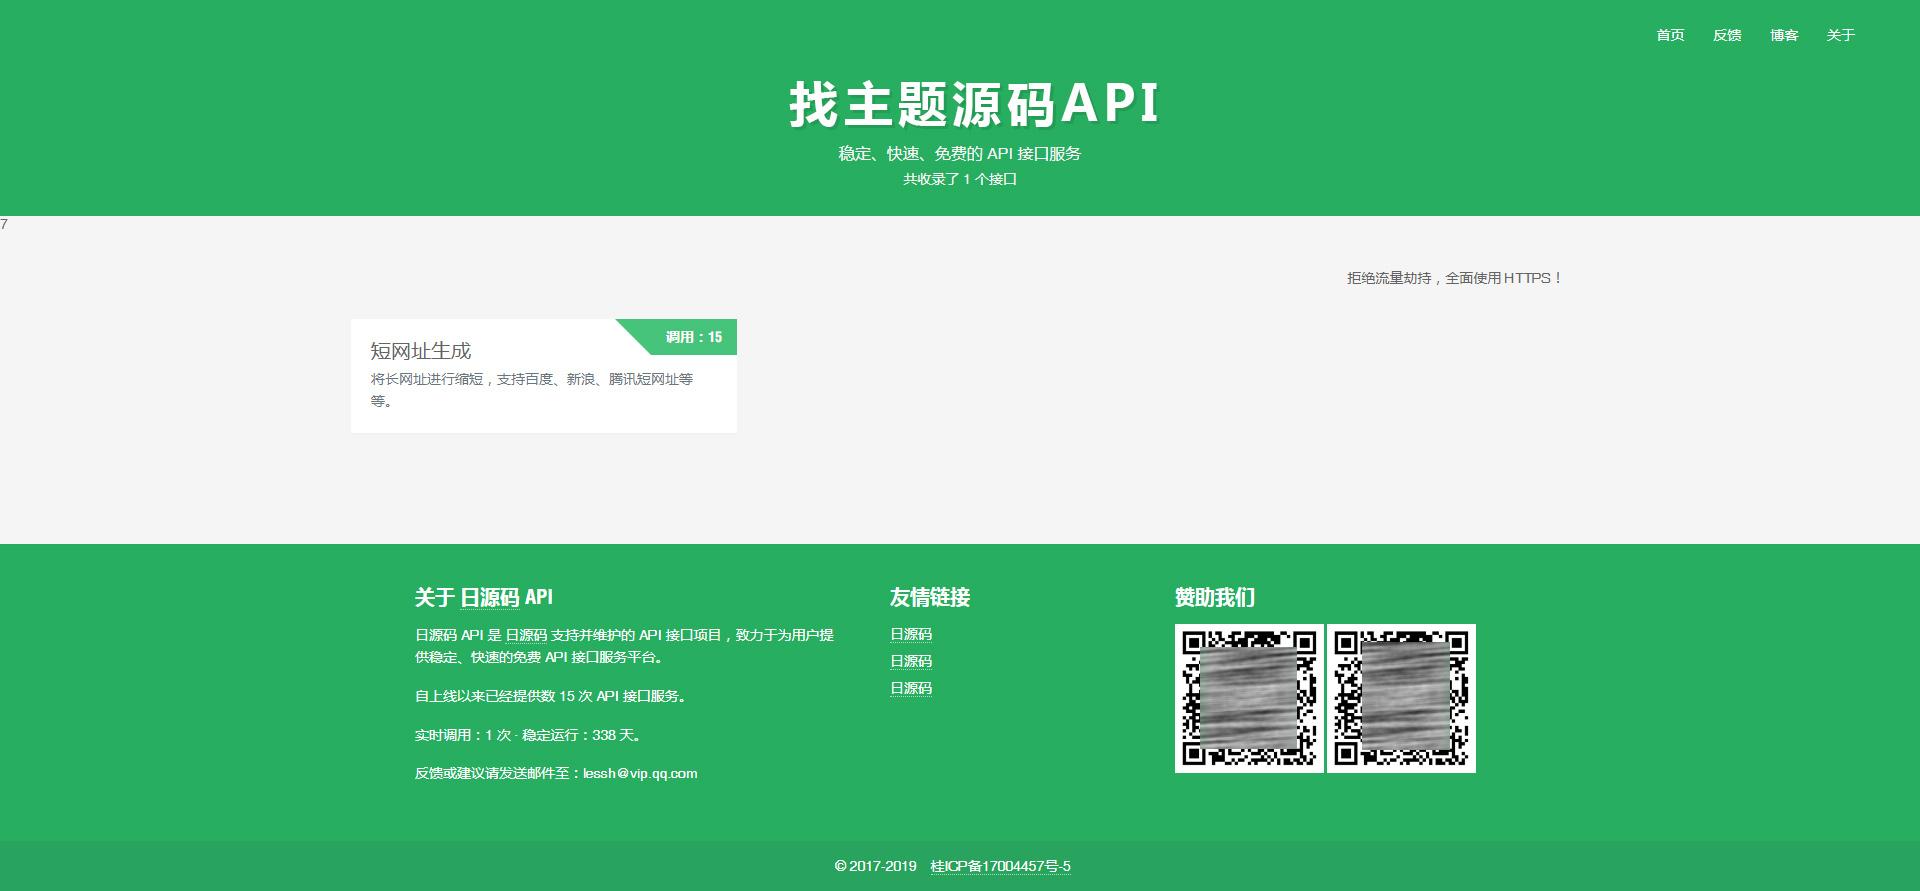 【api开源管理系统】API接口网站管理系统源码-找主题源码